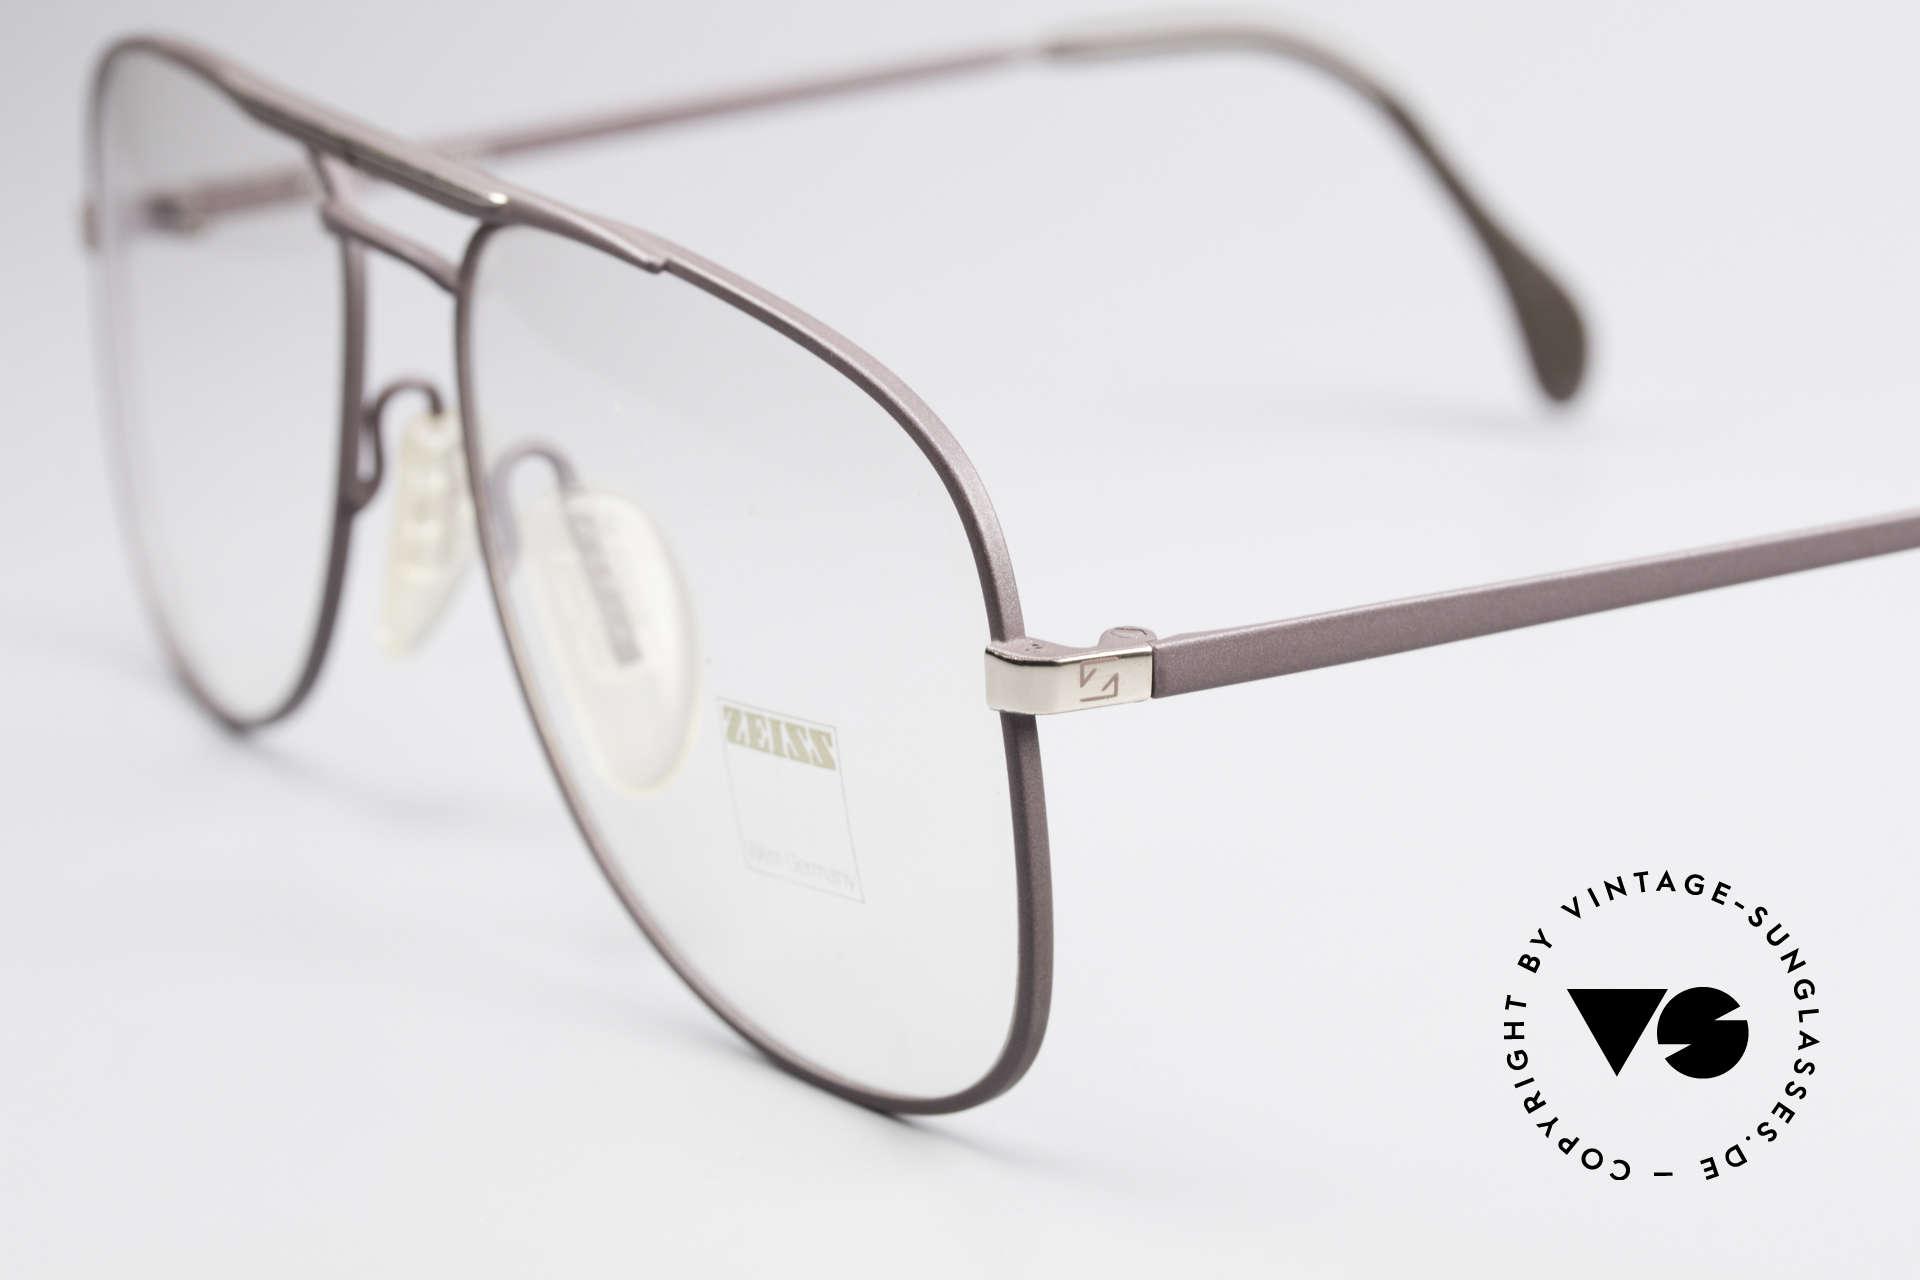 Zeiss 5886 Alte 80er Vintage Brille Aviator, ungetragen (wie alle unsere alten Brillen von ZEISS), Passend für Herren